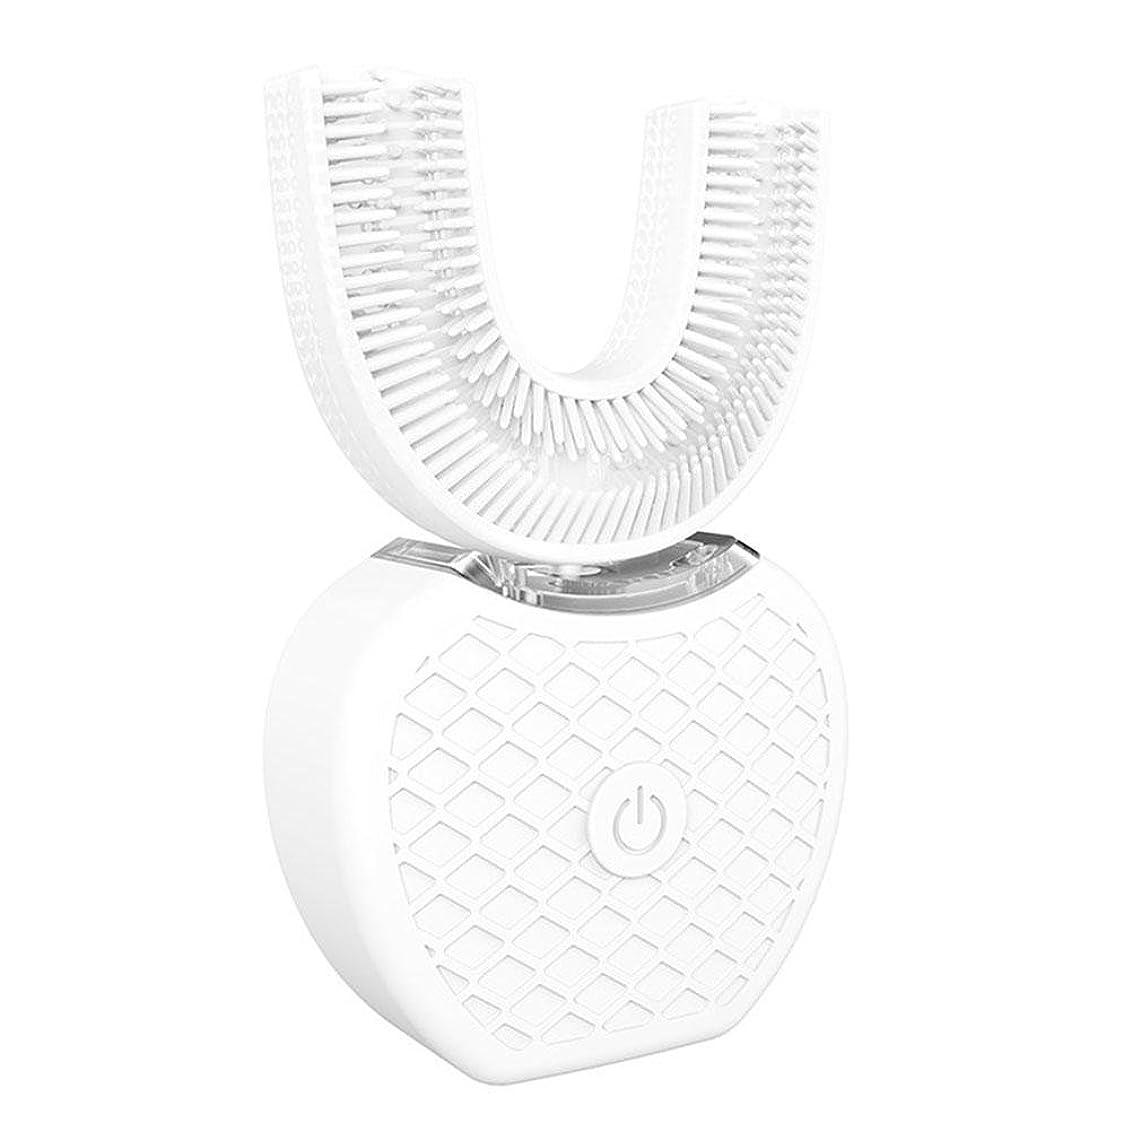 地元六マウンド電動歯ブラシ 電動はぶらし 自動式 音波振動歯ブラシ 超音波歯ブラシ 口腔洗浄器 清潔/マッサージ/ホワイトニング機能付 U型電動歯ぶらし ソニック振動ハブラシ ワイヤレス充電